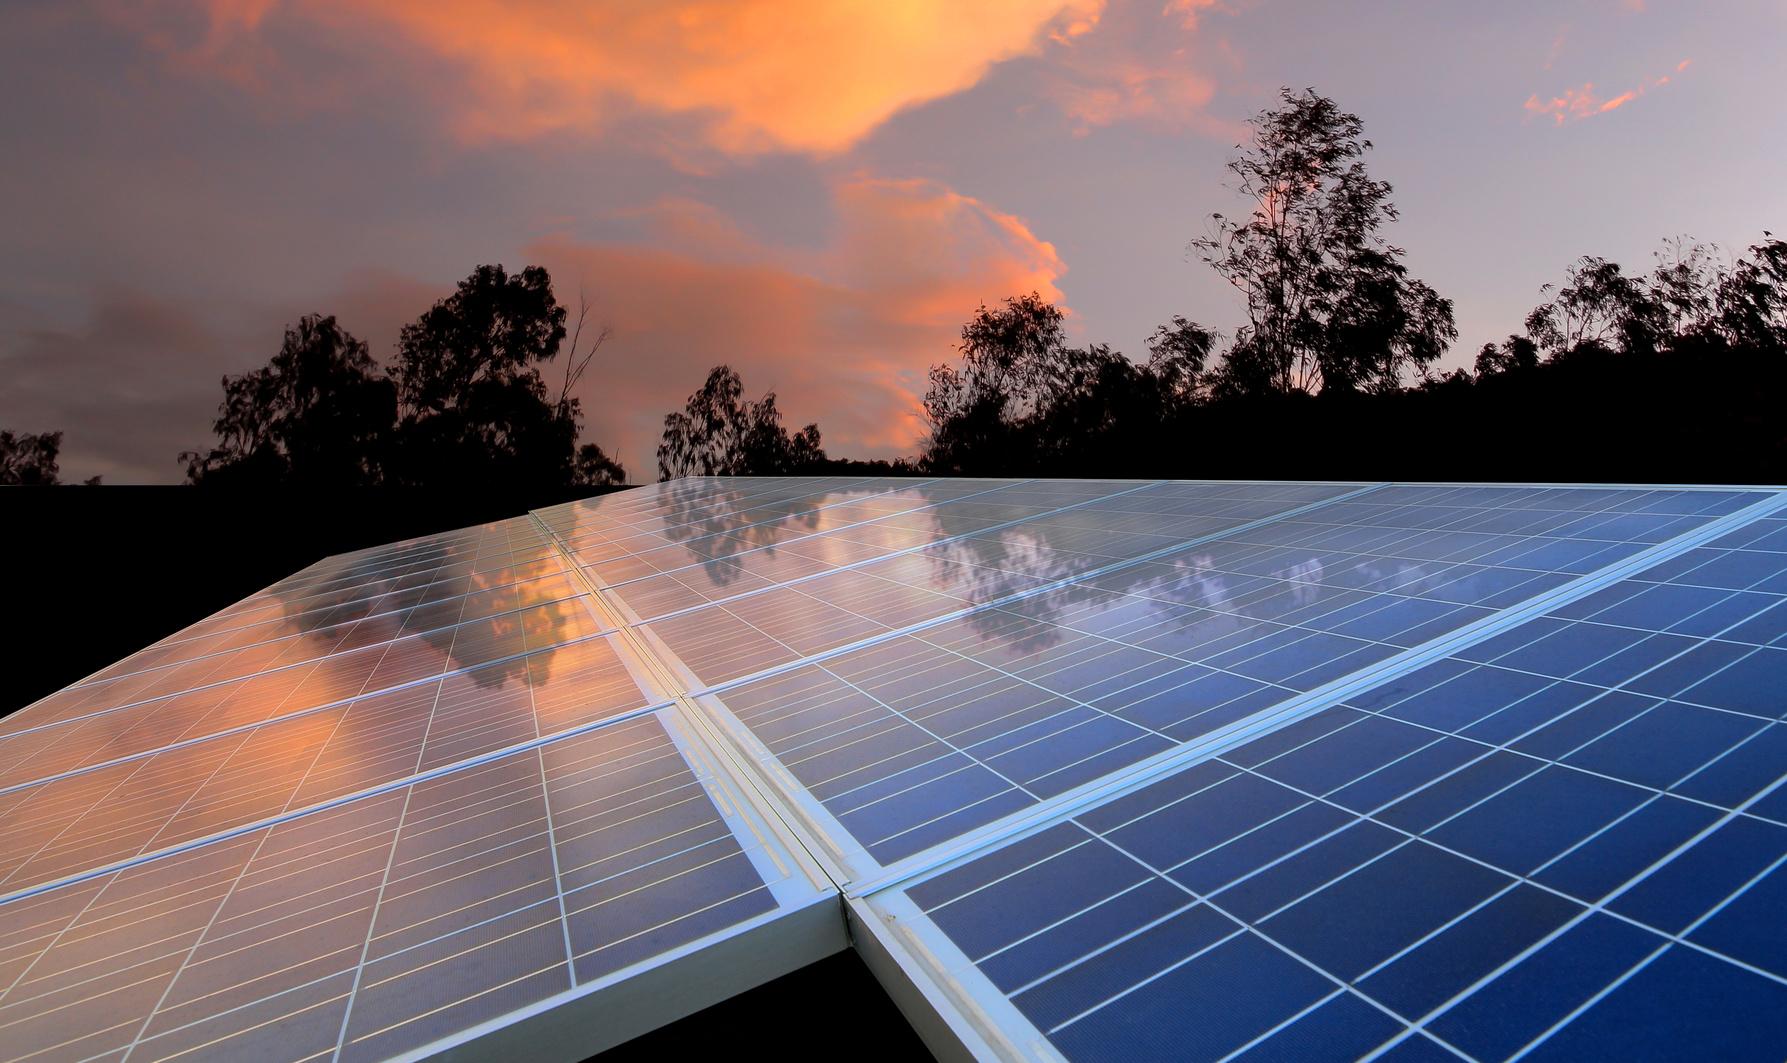 Un Modelo Energético Y De Financiación Inclusivo, Transparente Y Democrático